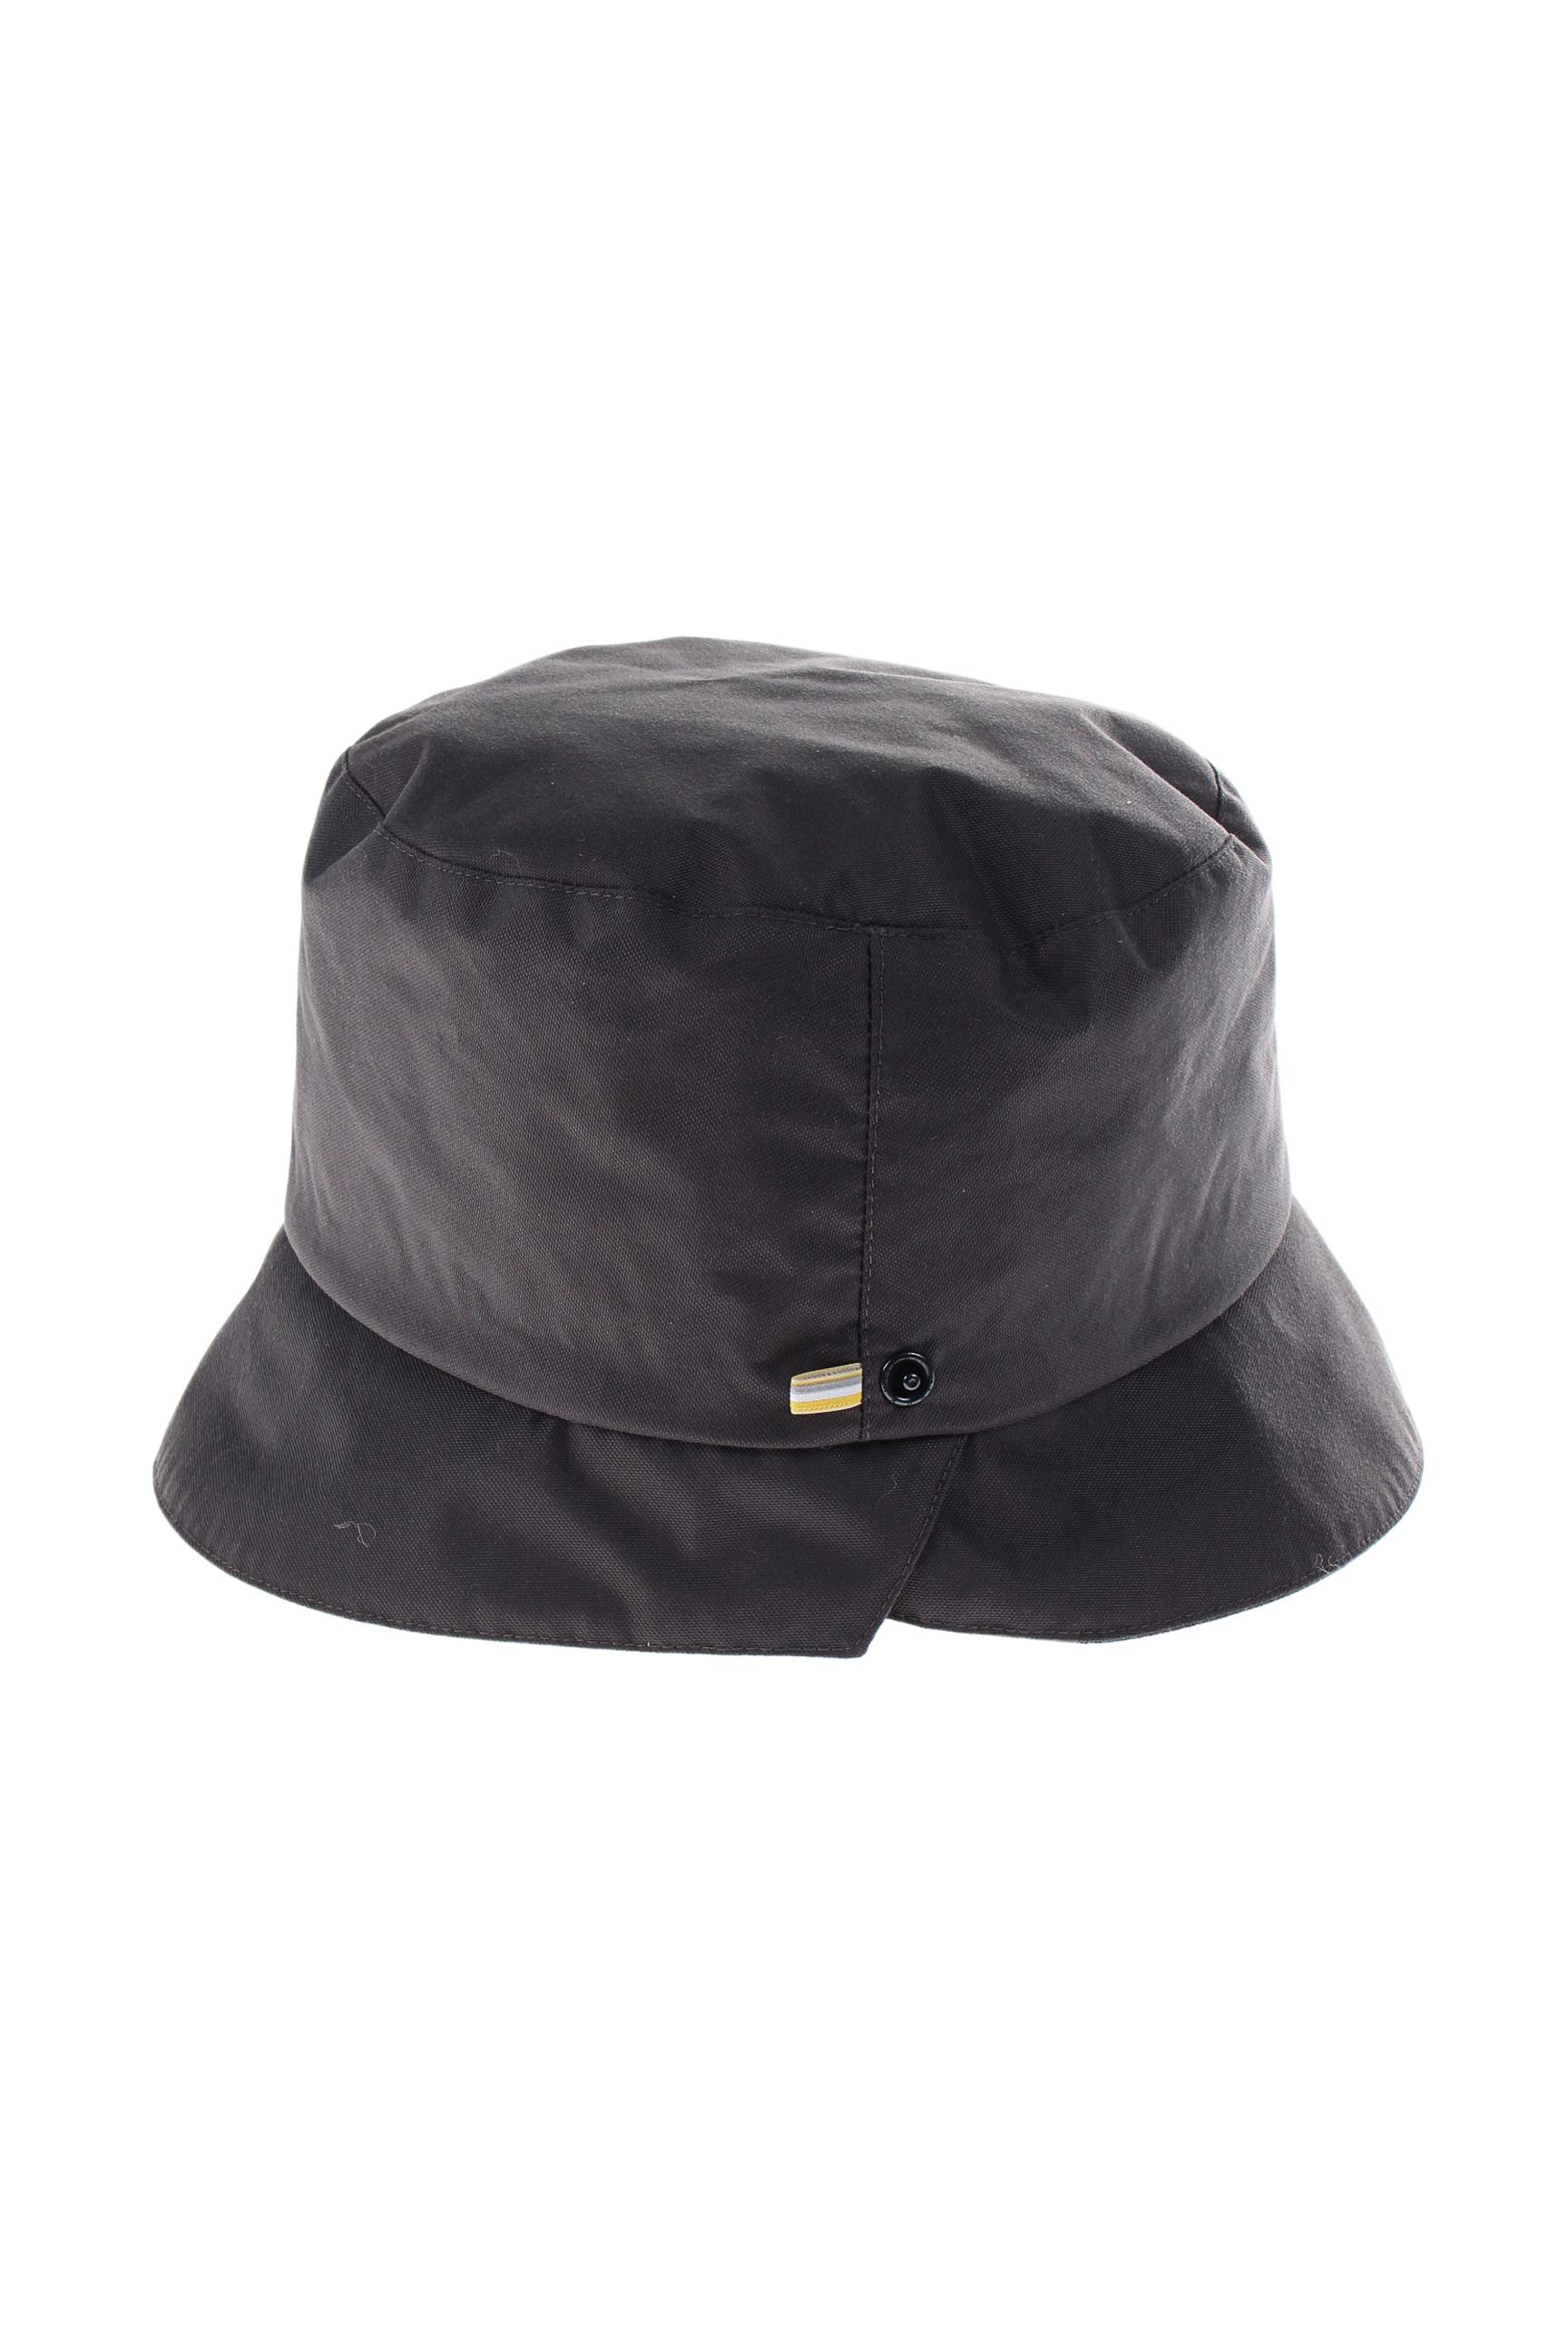 La Tribu Des Oiseaux Chapeaux Femme De Couleur Gris En Soldes Pas Cher 1422744-gris00